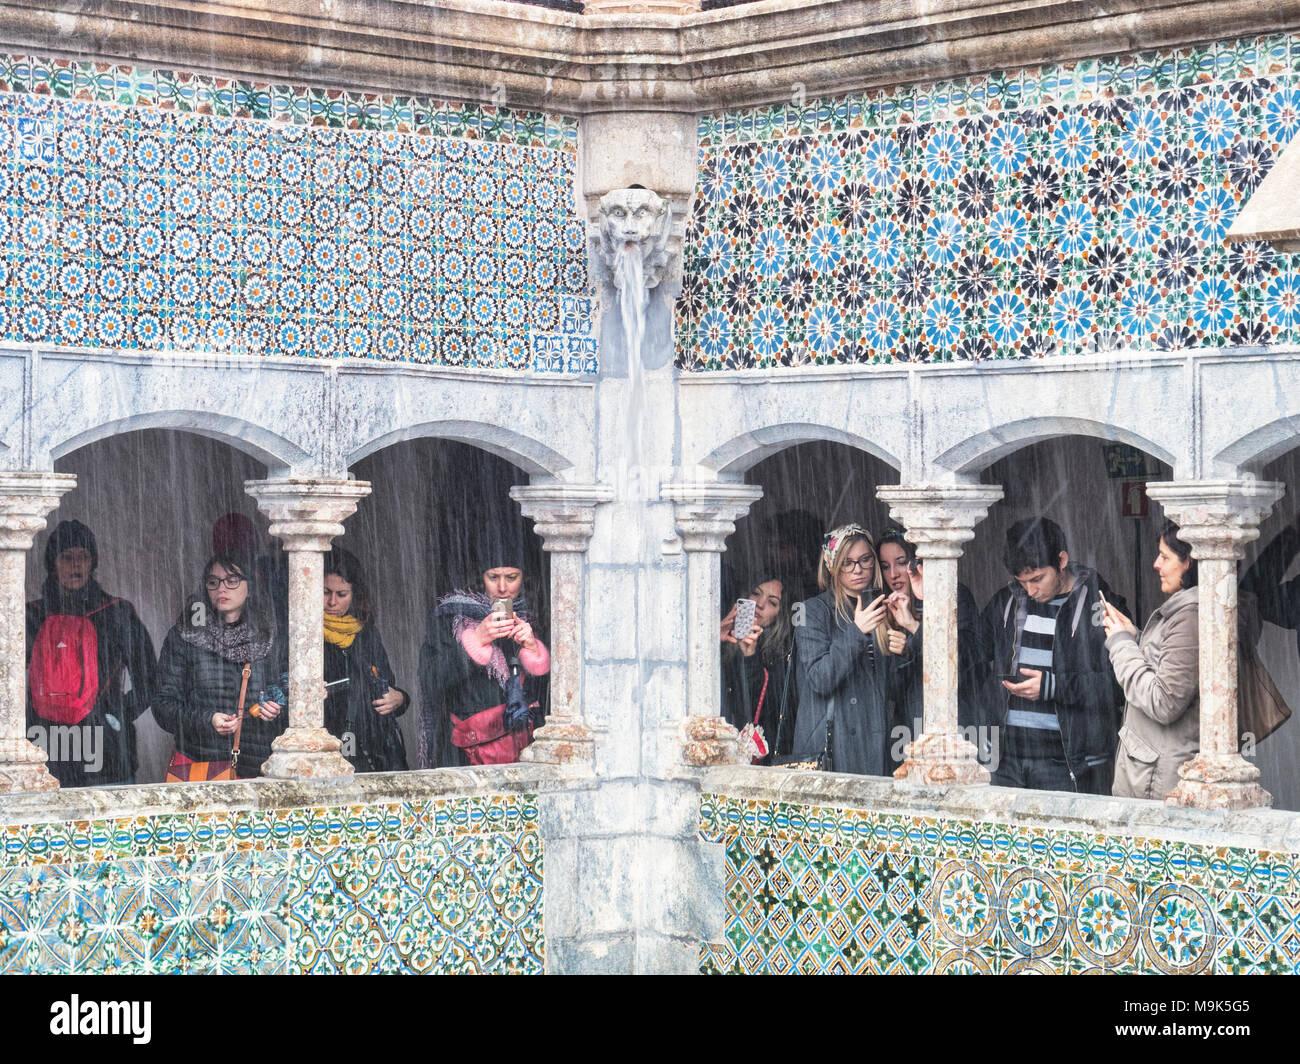 5 de marzo de 2018: Sintra, Portugal - turistas de los teléfonos con cámara en una columnata en el Palacio de Pena, haciendo que la mayoría de un día muy húmedo. Imagen De Stock